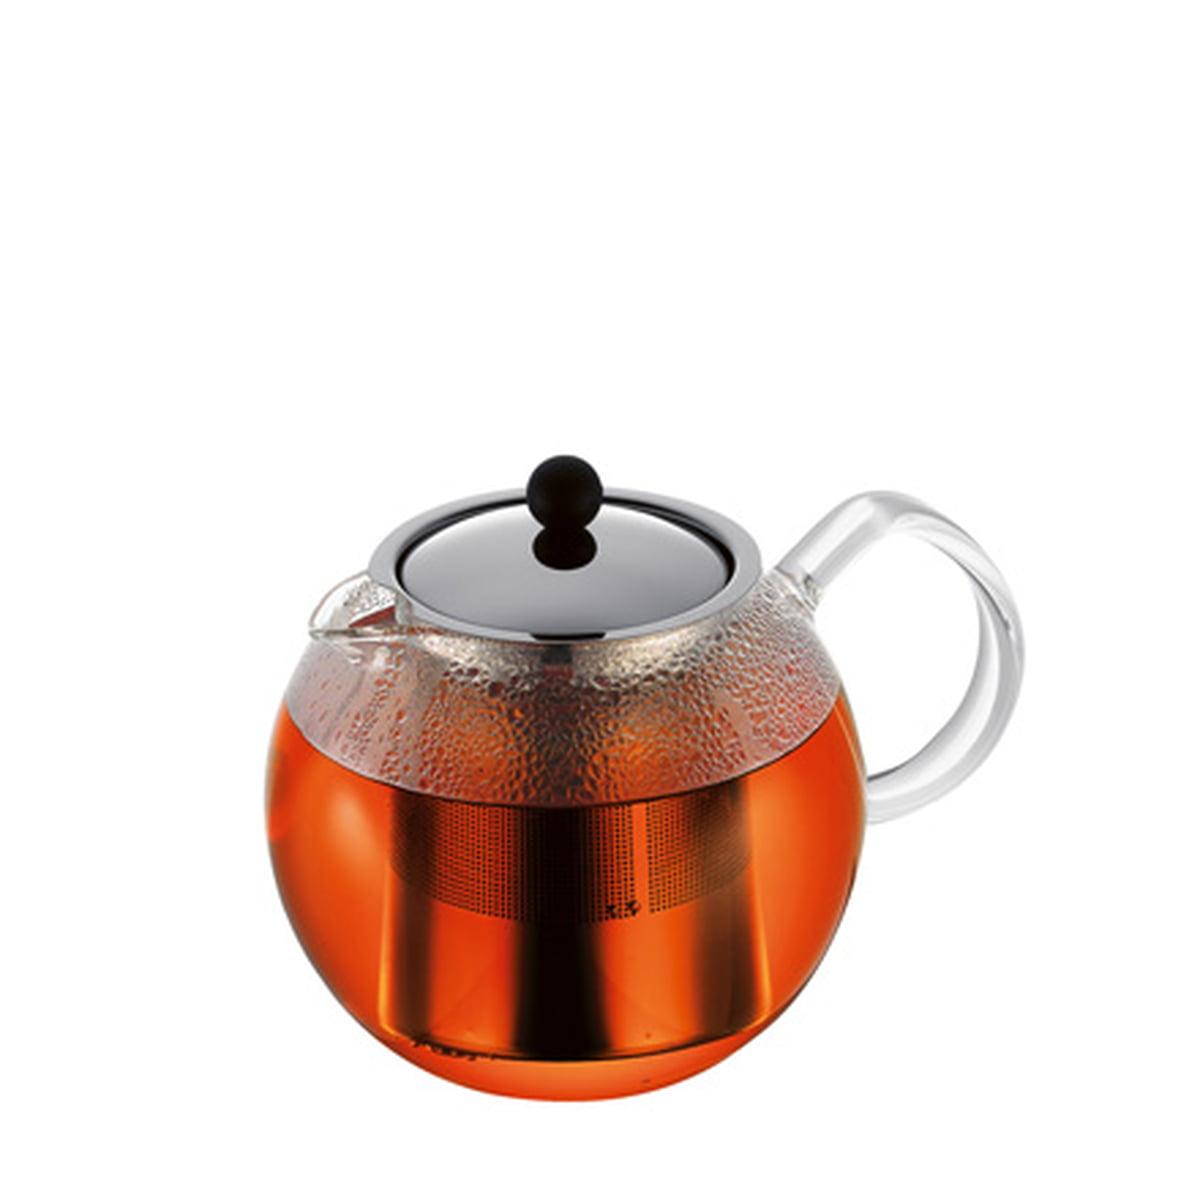 Bodum - Assam Teebereiter, 0,5 Liter   Küche und Esszimmer > Kaffee und Tee   Bodum